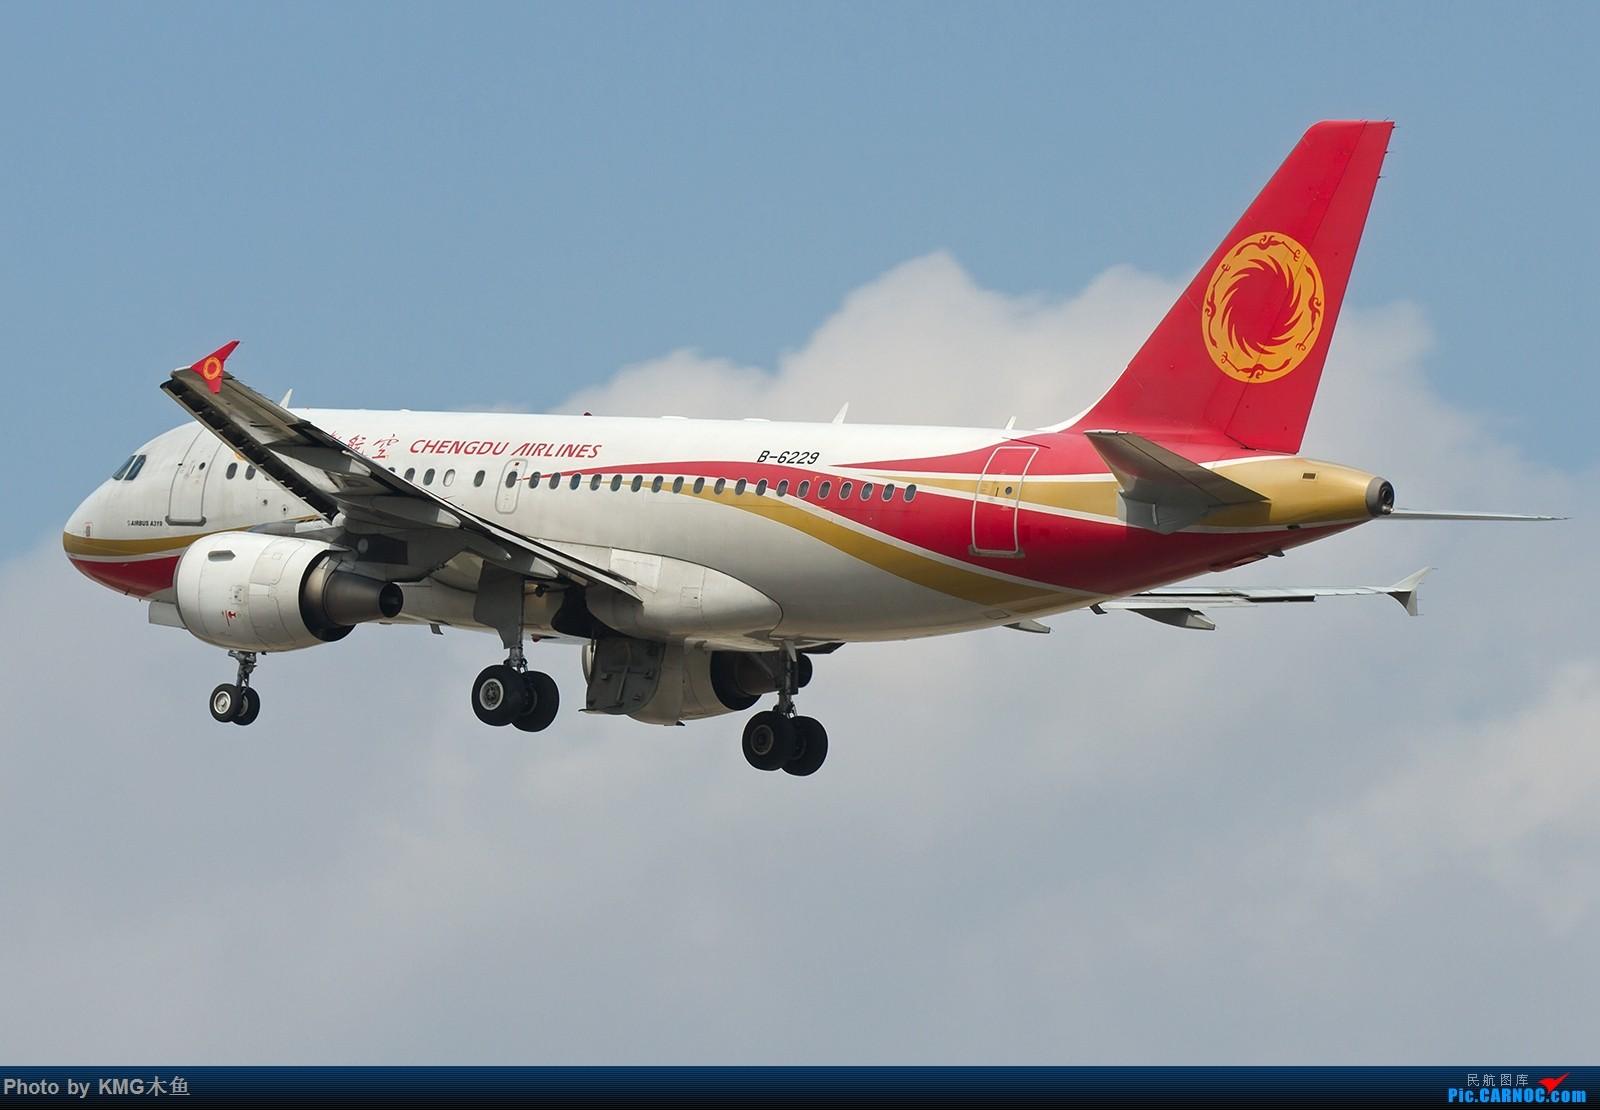 Re:[原创]【昆明长水国际机场——KMG木鱼拍机】向着功勋级出发,把库存图拿出来发了(高清大图) AIRBUS A319-100 B-6229 中国昆明长水国际机场